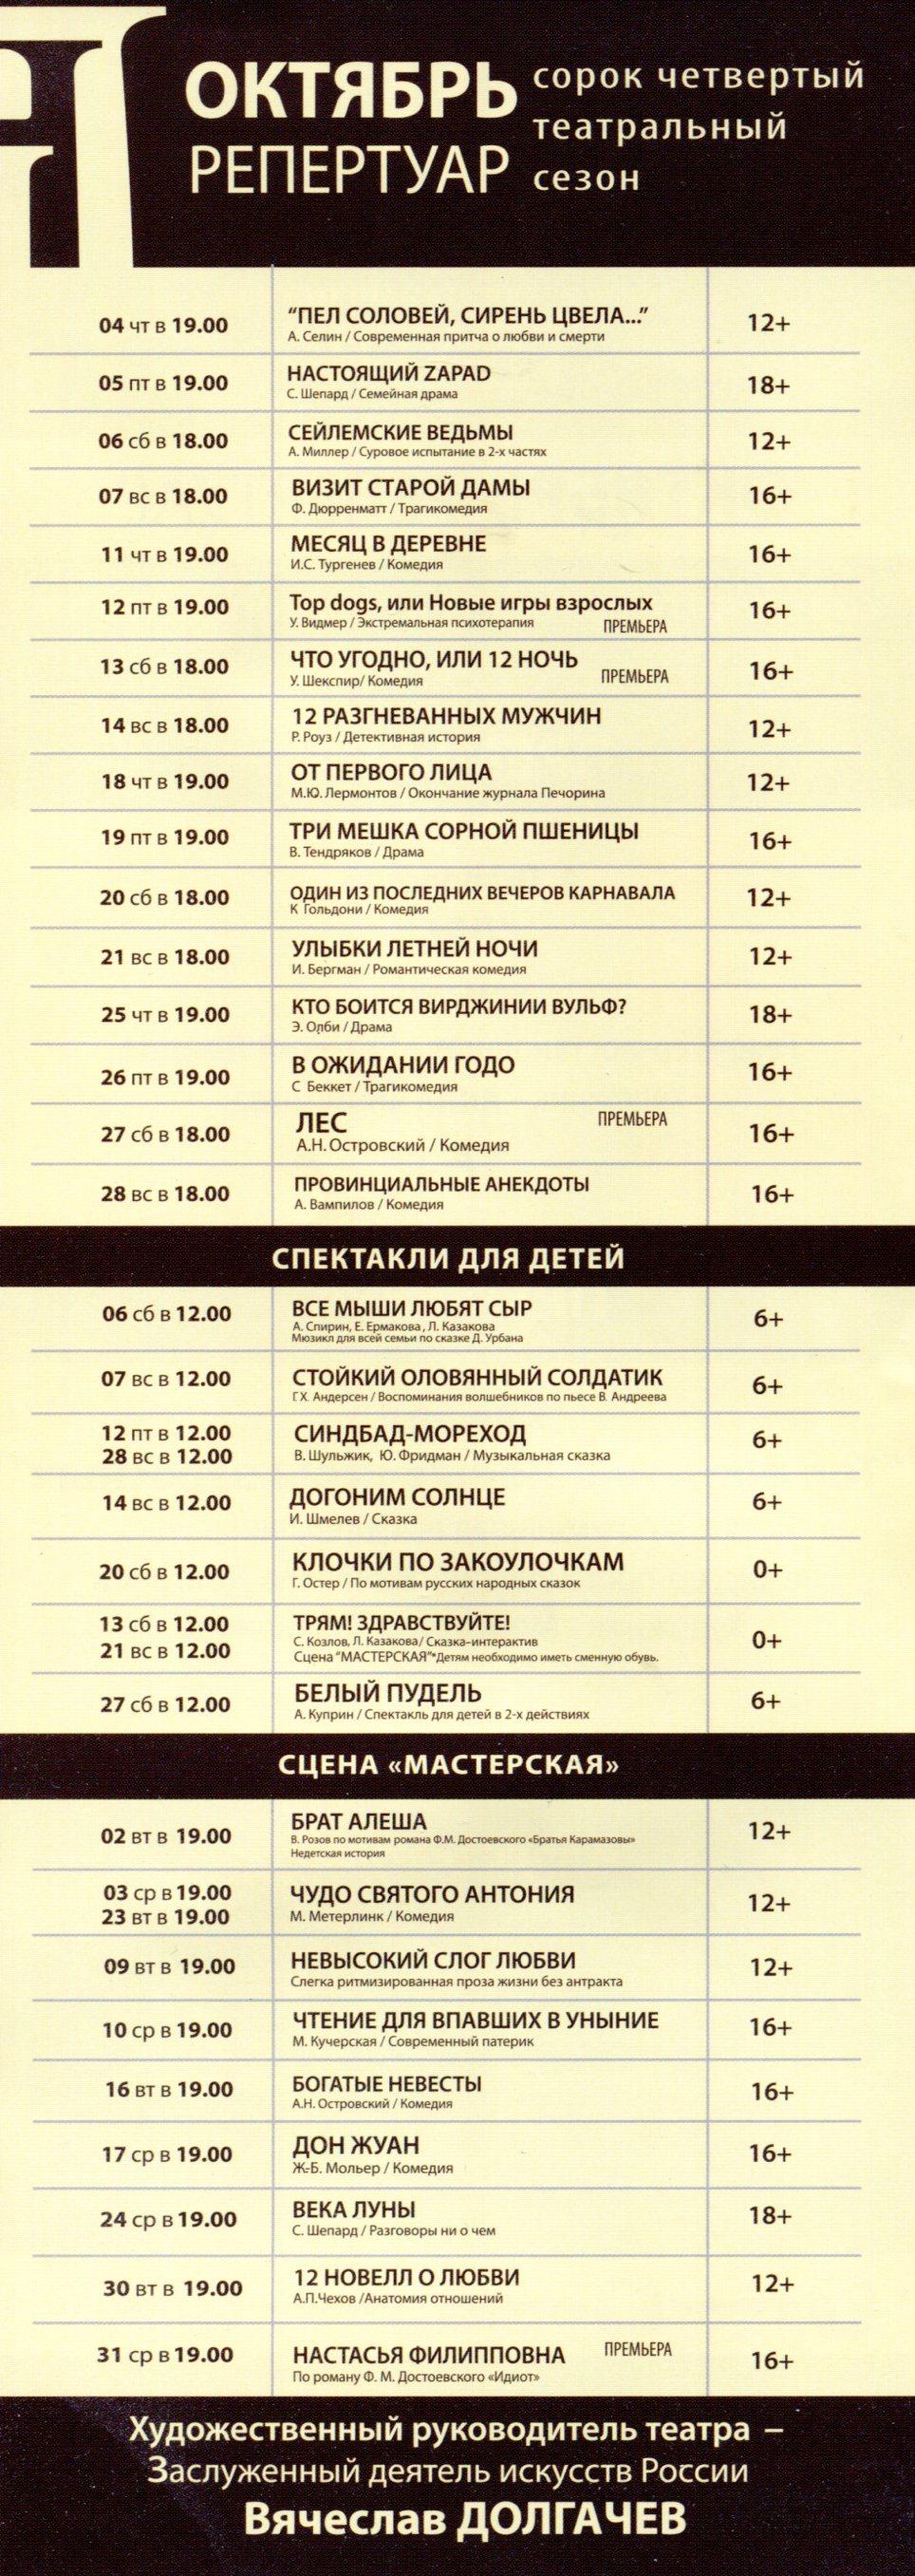 Репертуар Московского Нового драматического театра на Октябрь 2018 года